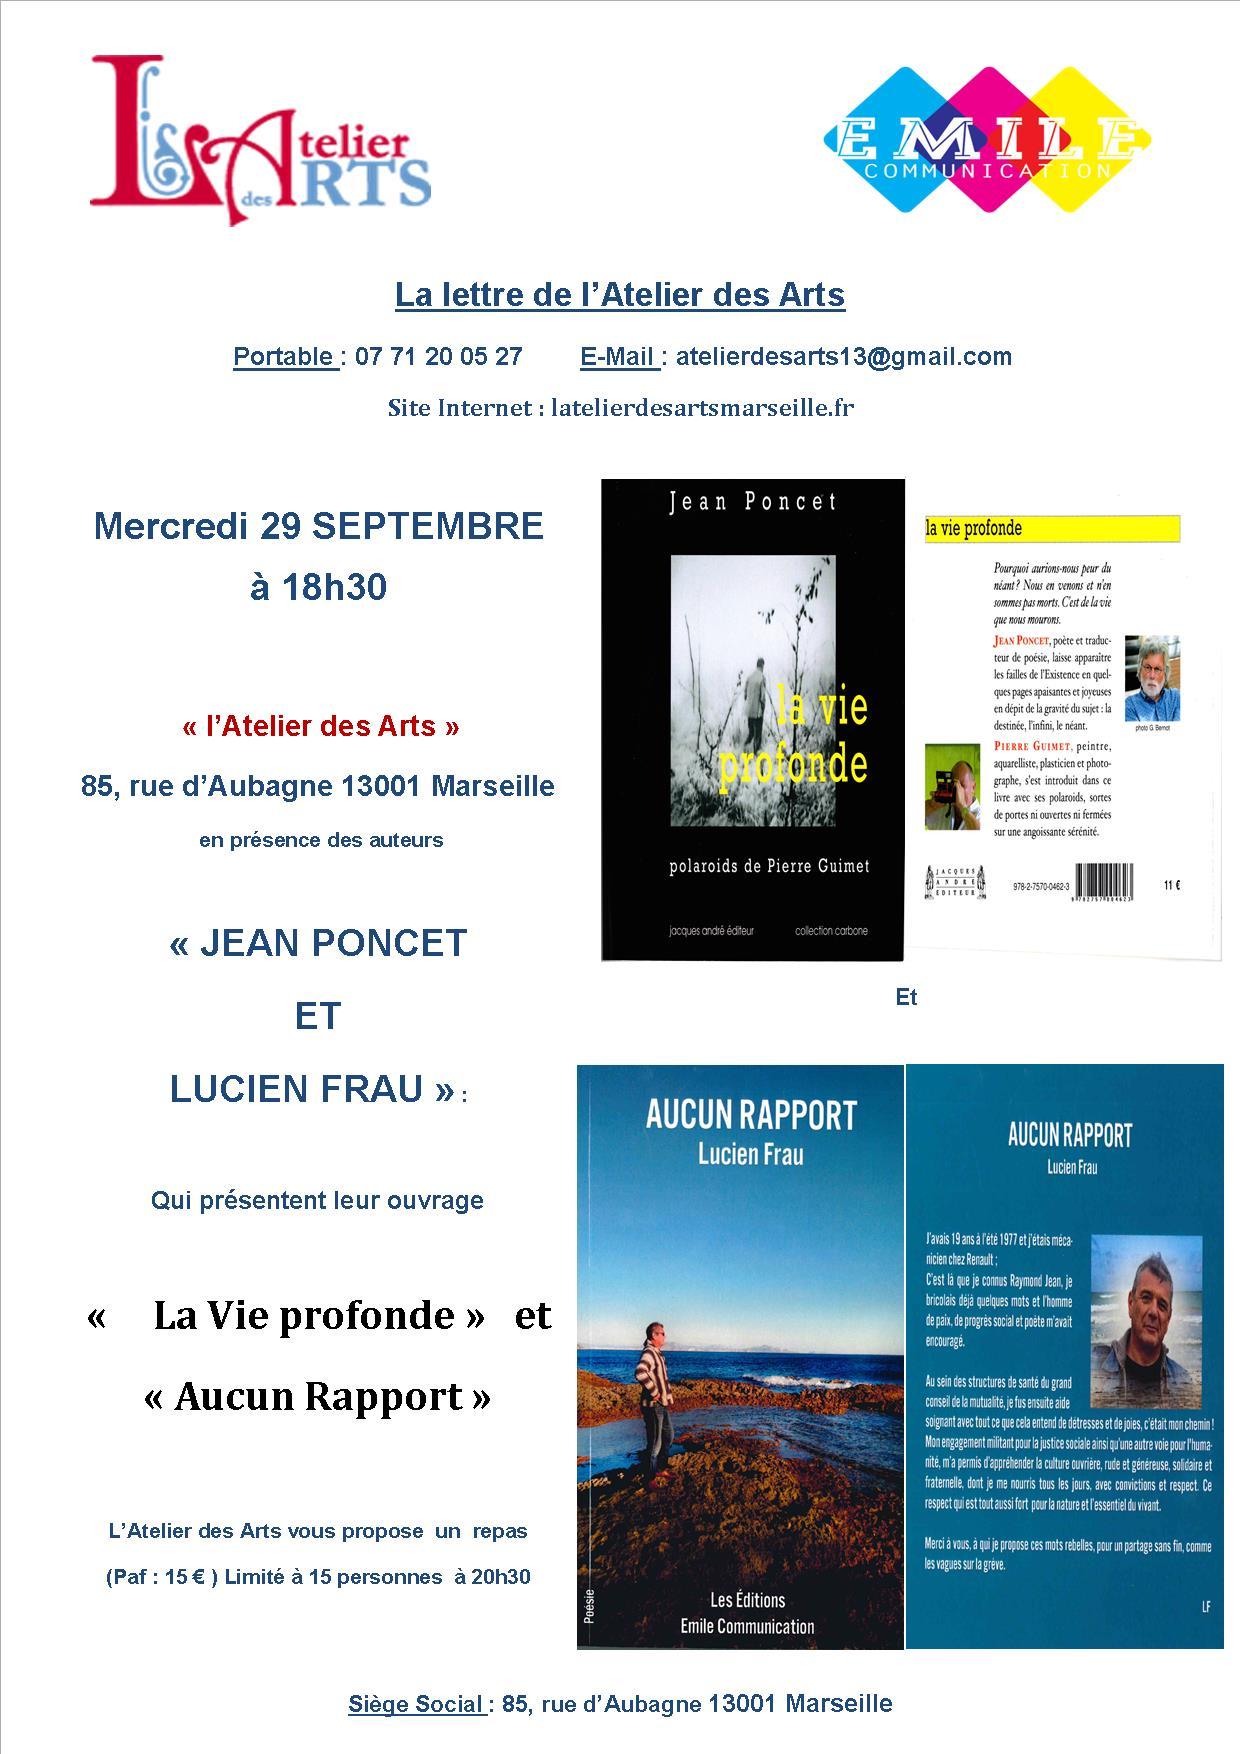 #Atelier des Arts : La poésie au menu de la soirée  avec Lucien Frau et Jean Poncet